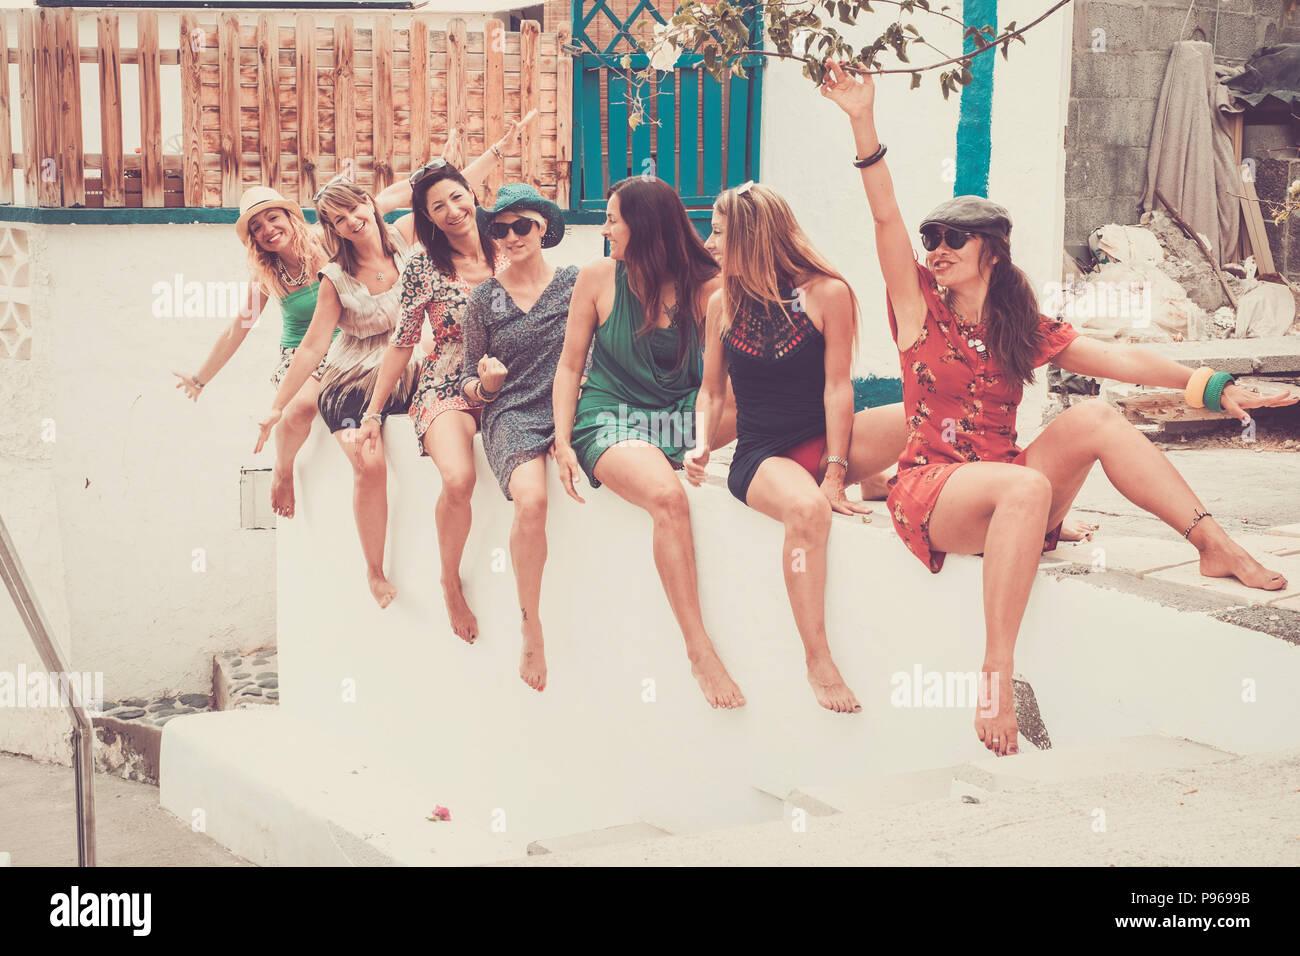 Grupo de siete jóvenes sonrisa hermosa mujer loca en vacaciones y amistad o relación permanecer juntos a sentarse y volverse loco con la risa. verano col Imagen De Stock